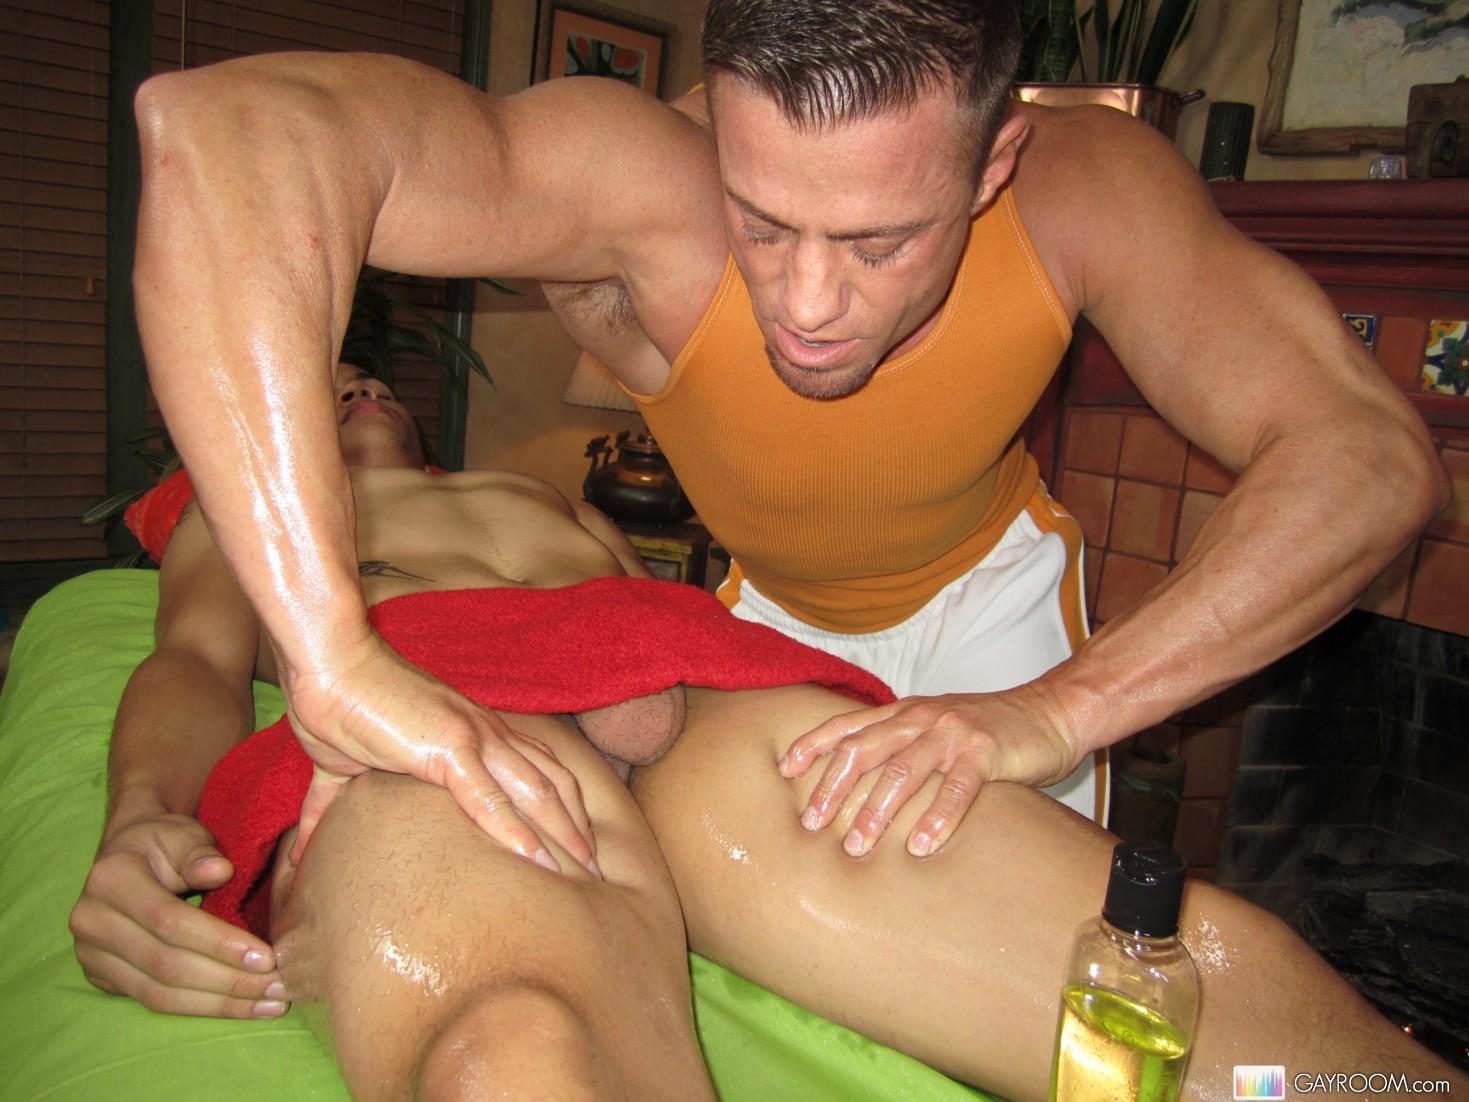 У мужика встал во время массажа порно, Массажистка сильно возбудилась во время массажа 11 фотография